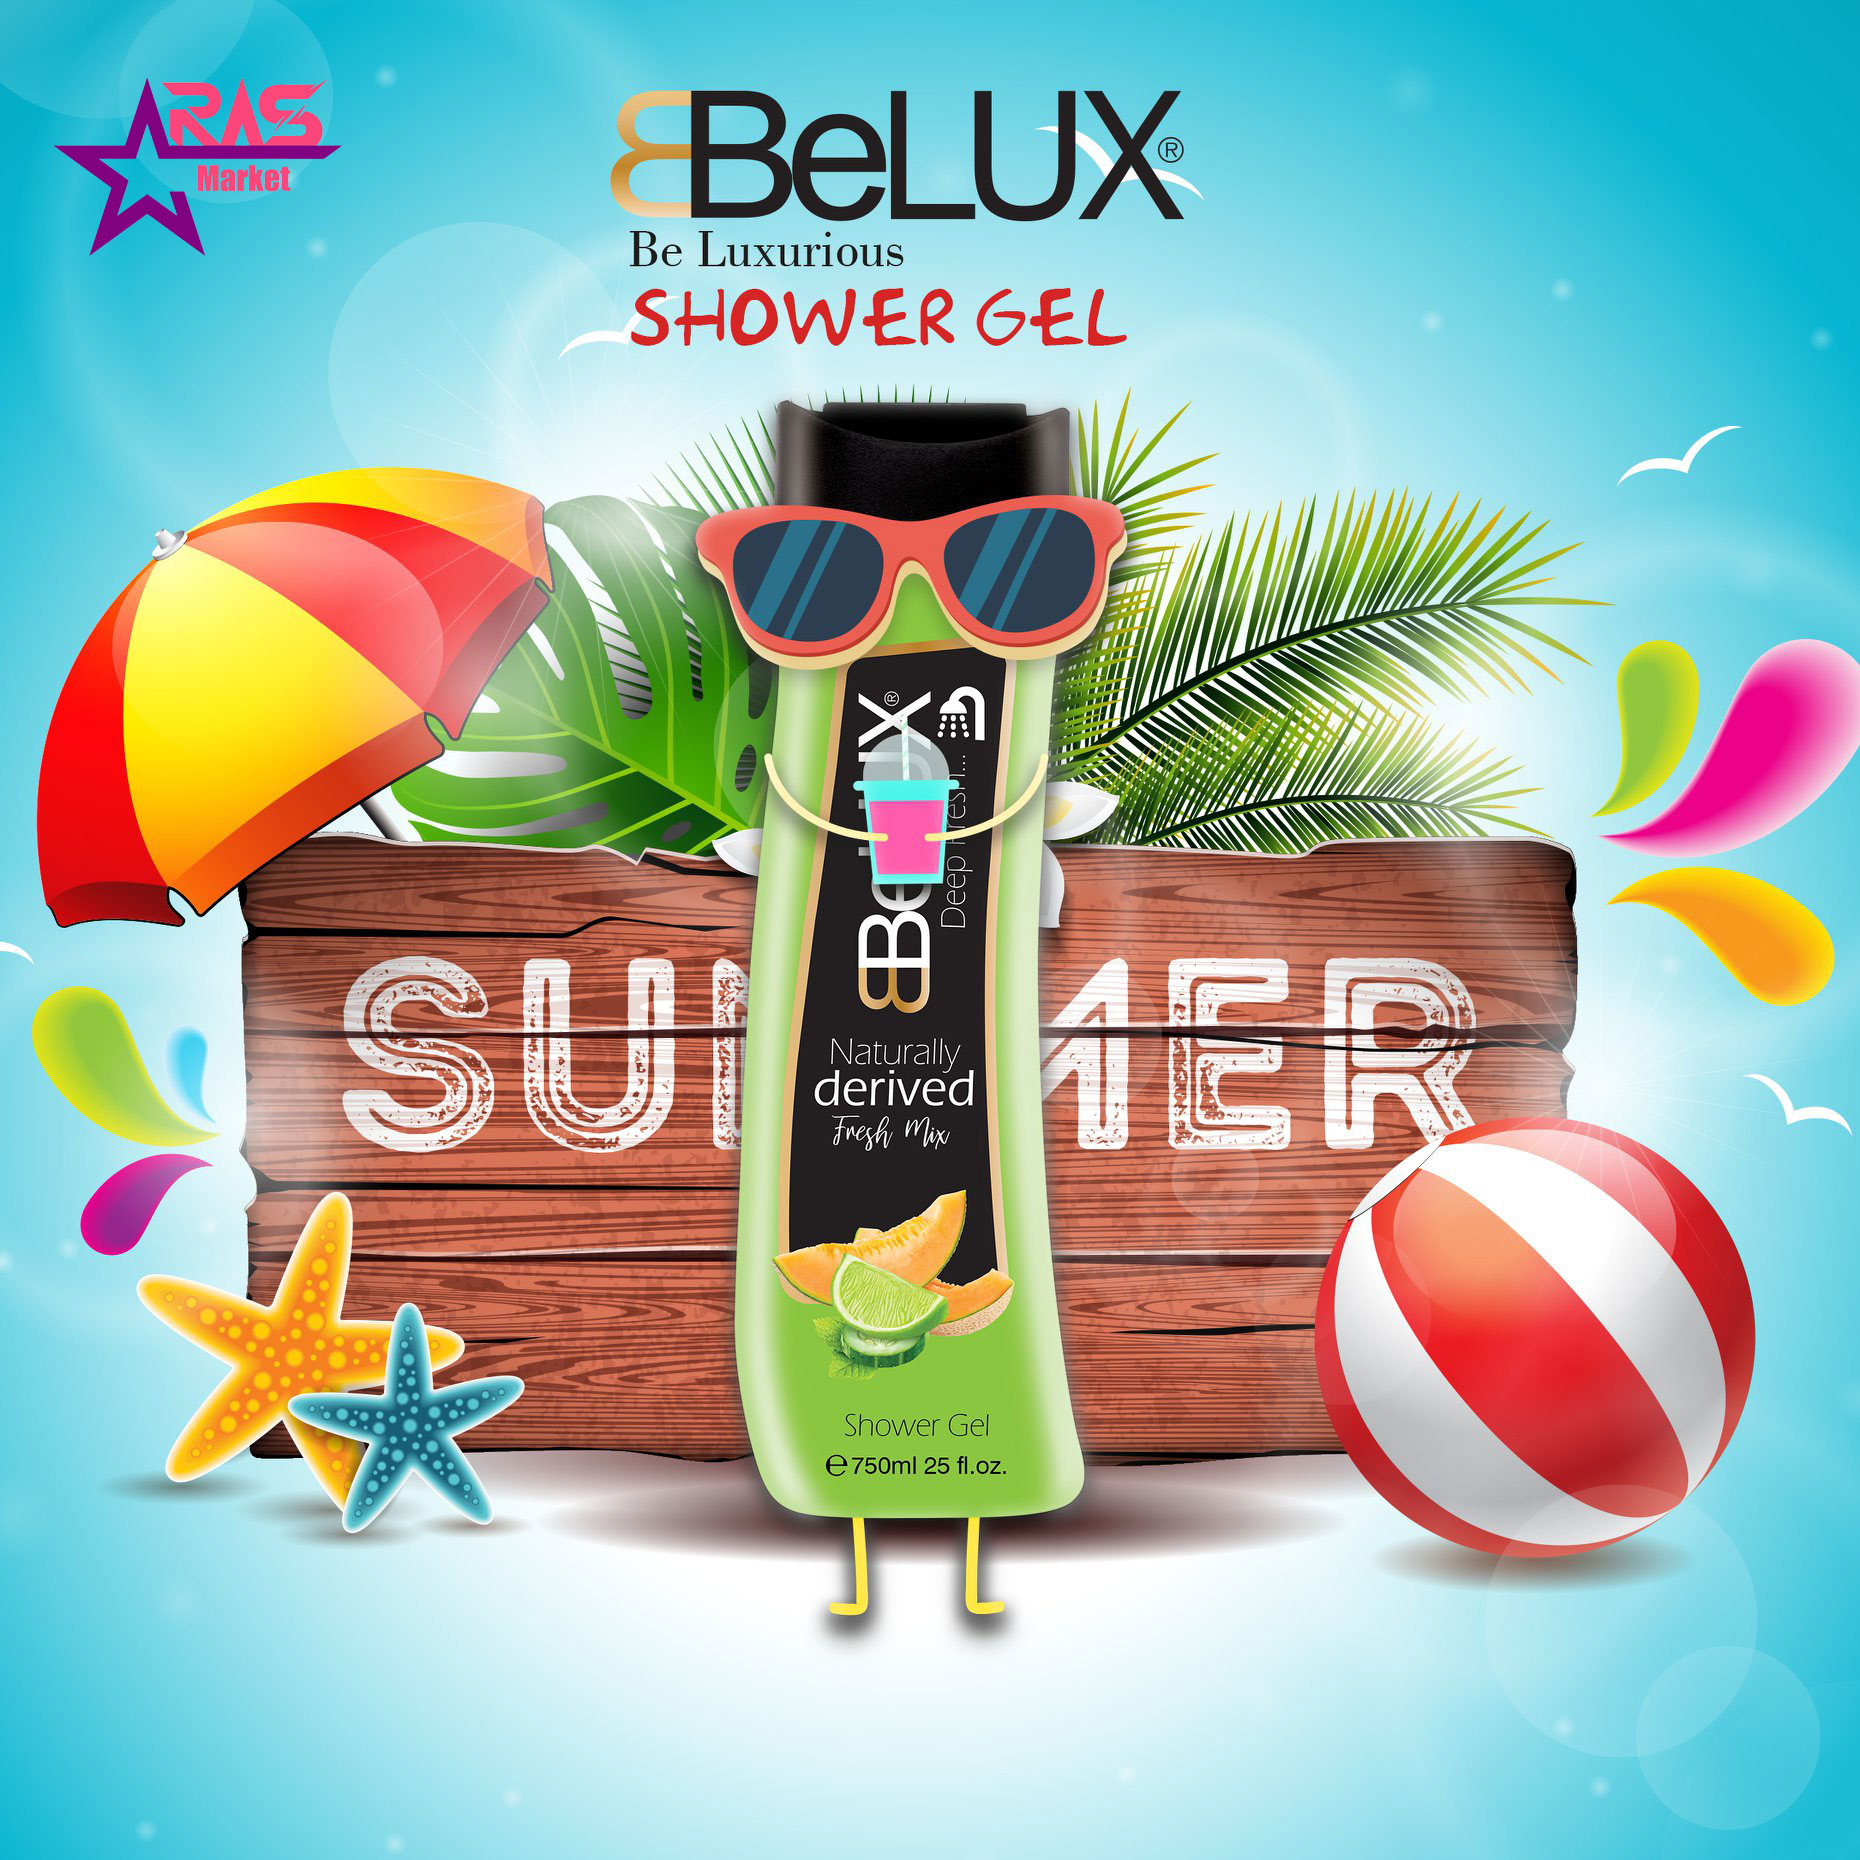 شامپو بدن بیلوکس حاوی عصاره ترکیب میوه های تازه 750 میلی لیتر ، فروشگاه اینترنتی ارس مارکت ، shower gel